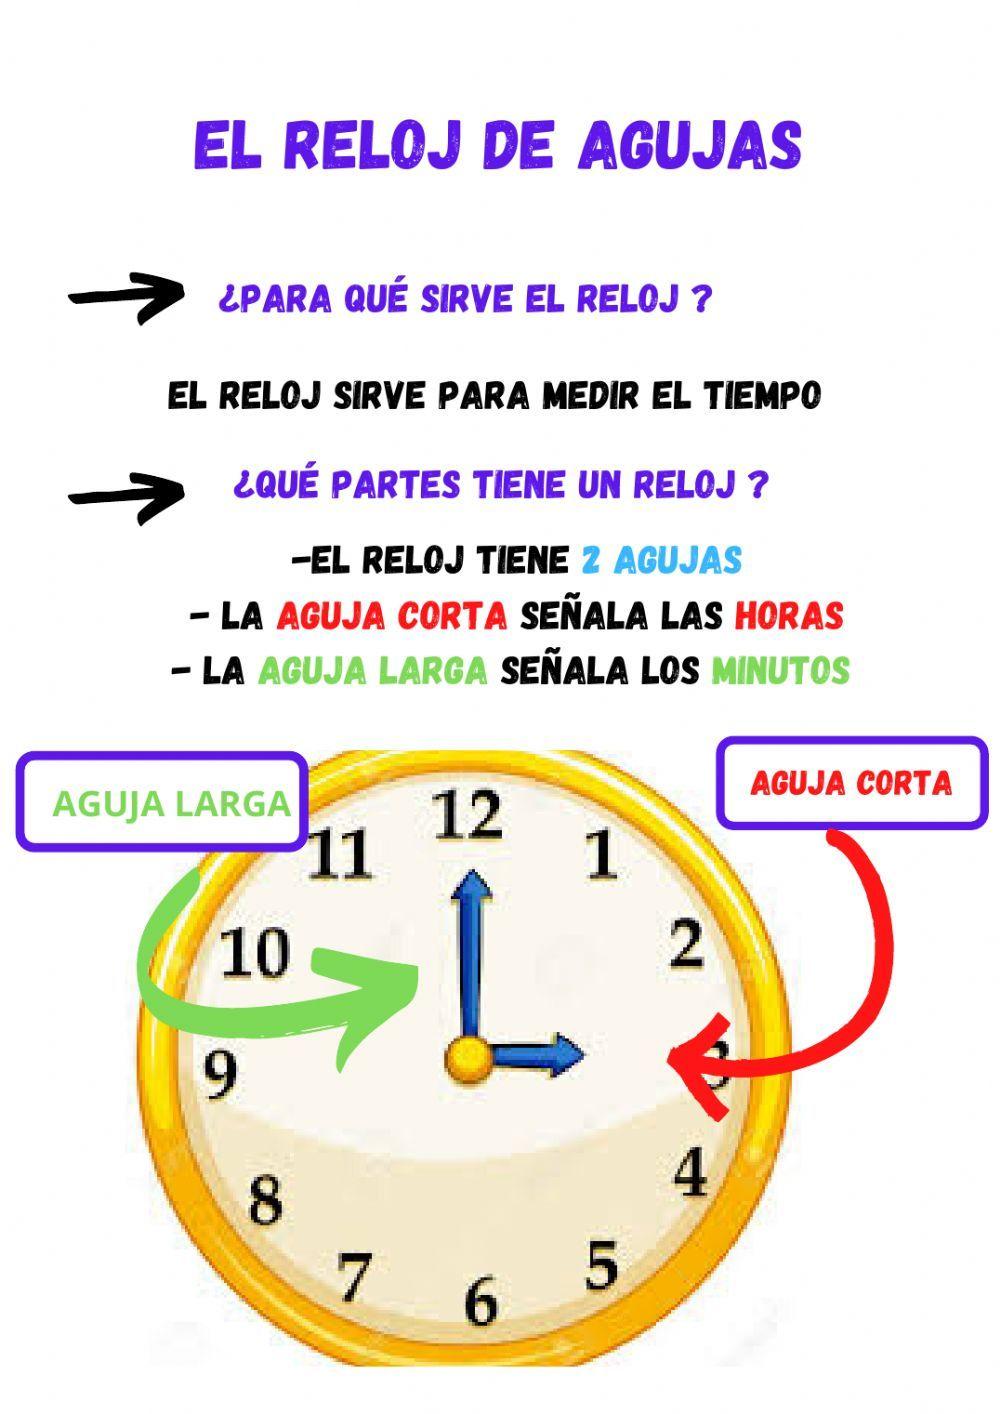 El Reloj De Agujas La Hora En Punto E Y Media Ficha Interactiva Reloj De Agujas Frases Para Alumnos Aprender La Hora